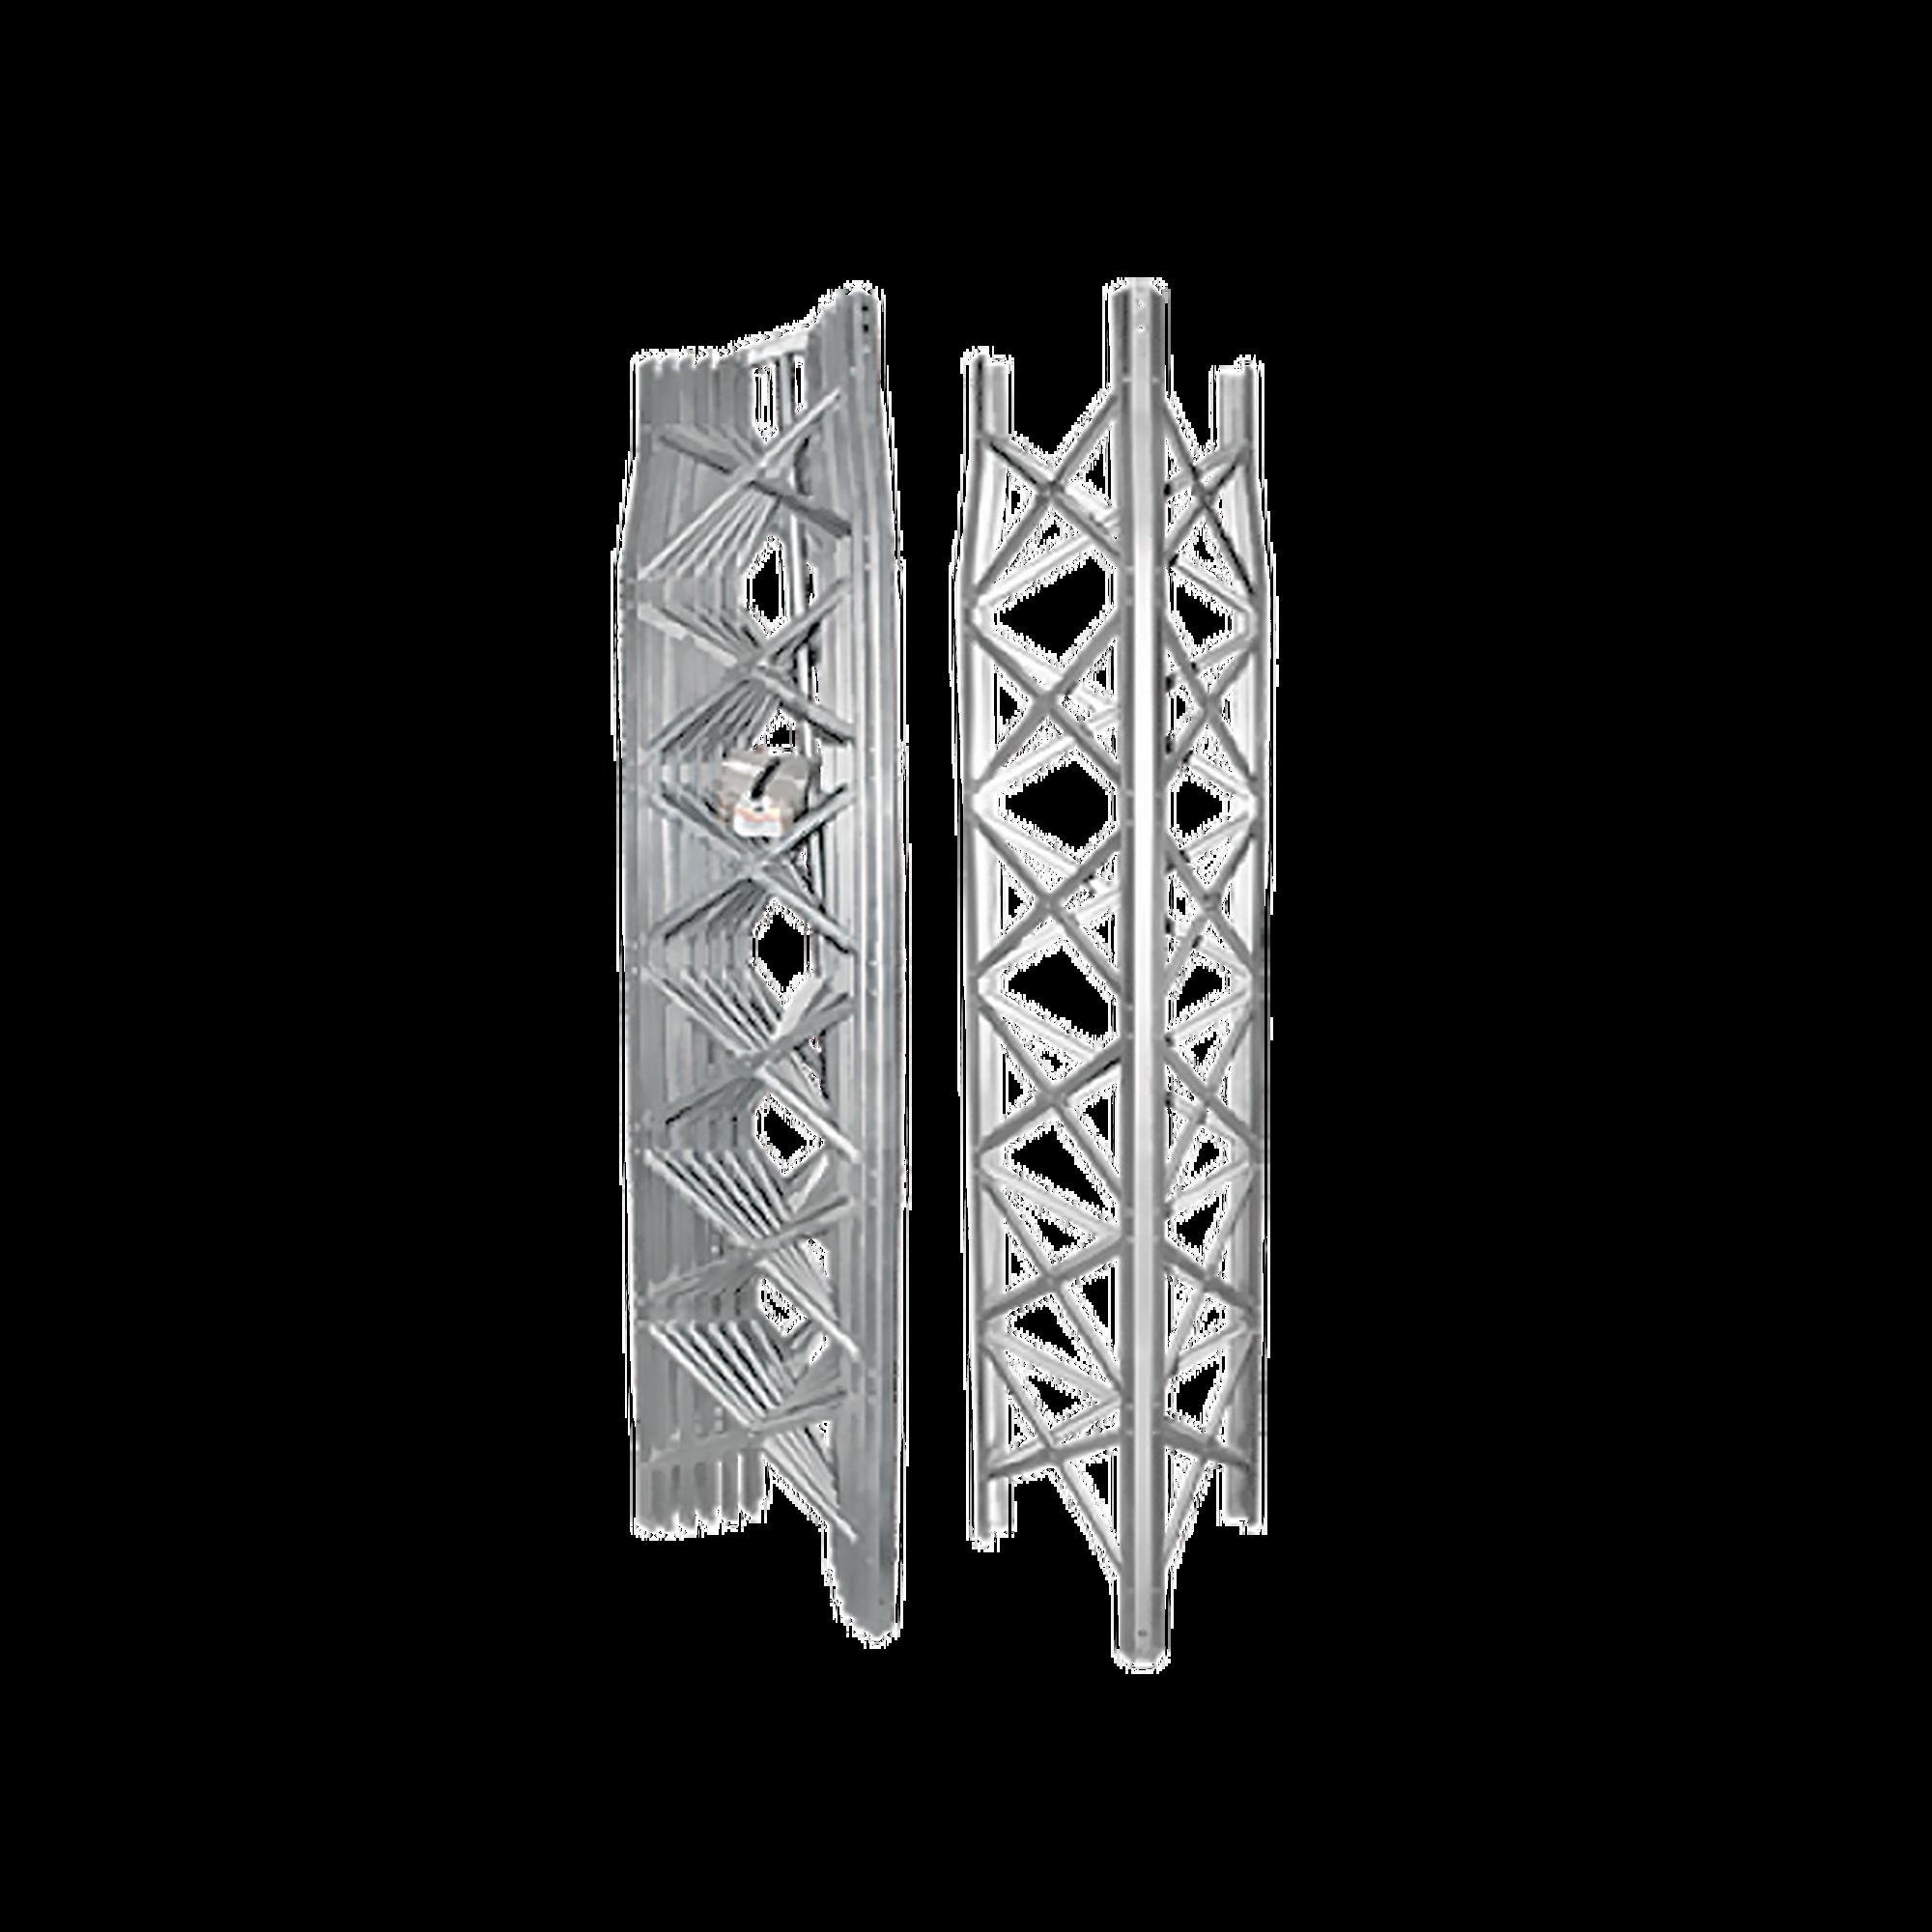 Torre Autosoportada Ligera GTBX de 17 m de altura, Secciones 2 a 8 Prearmadas. Sin Mástil. Inmersión en Caliente.